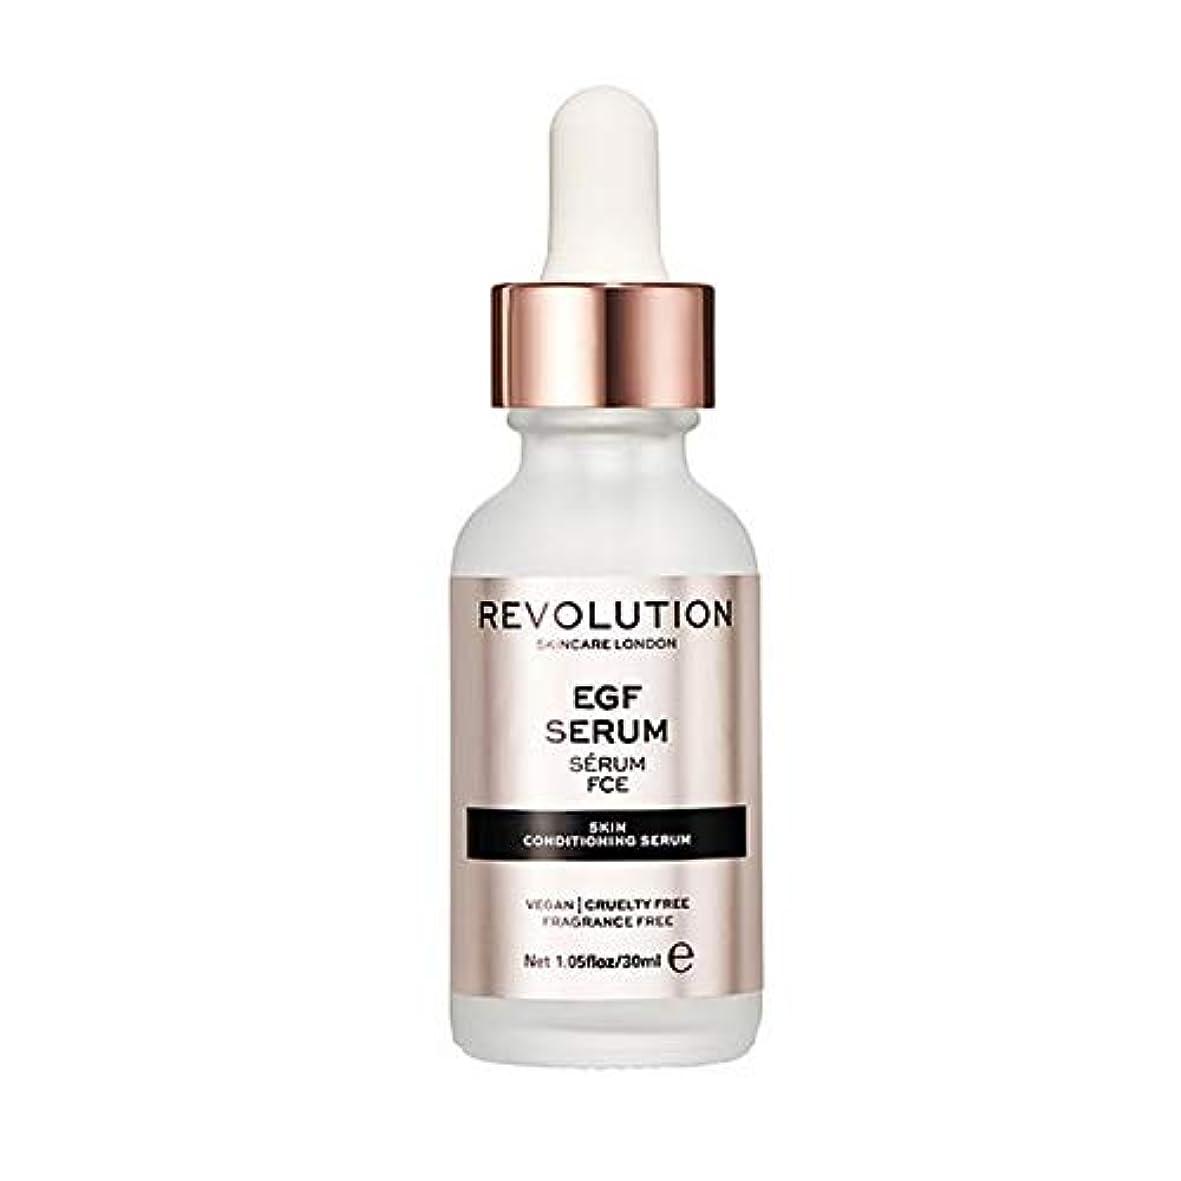 偏心パンチ主張する[Revolution] 革命スキンケア皮膚コンディショニング血清 - Egf血清 - Revolution Skincare Skin Conditioning Serum - EGF Serum [並行輸入品]